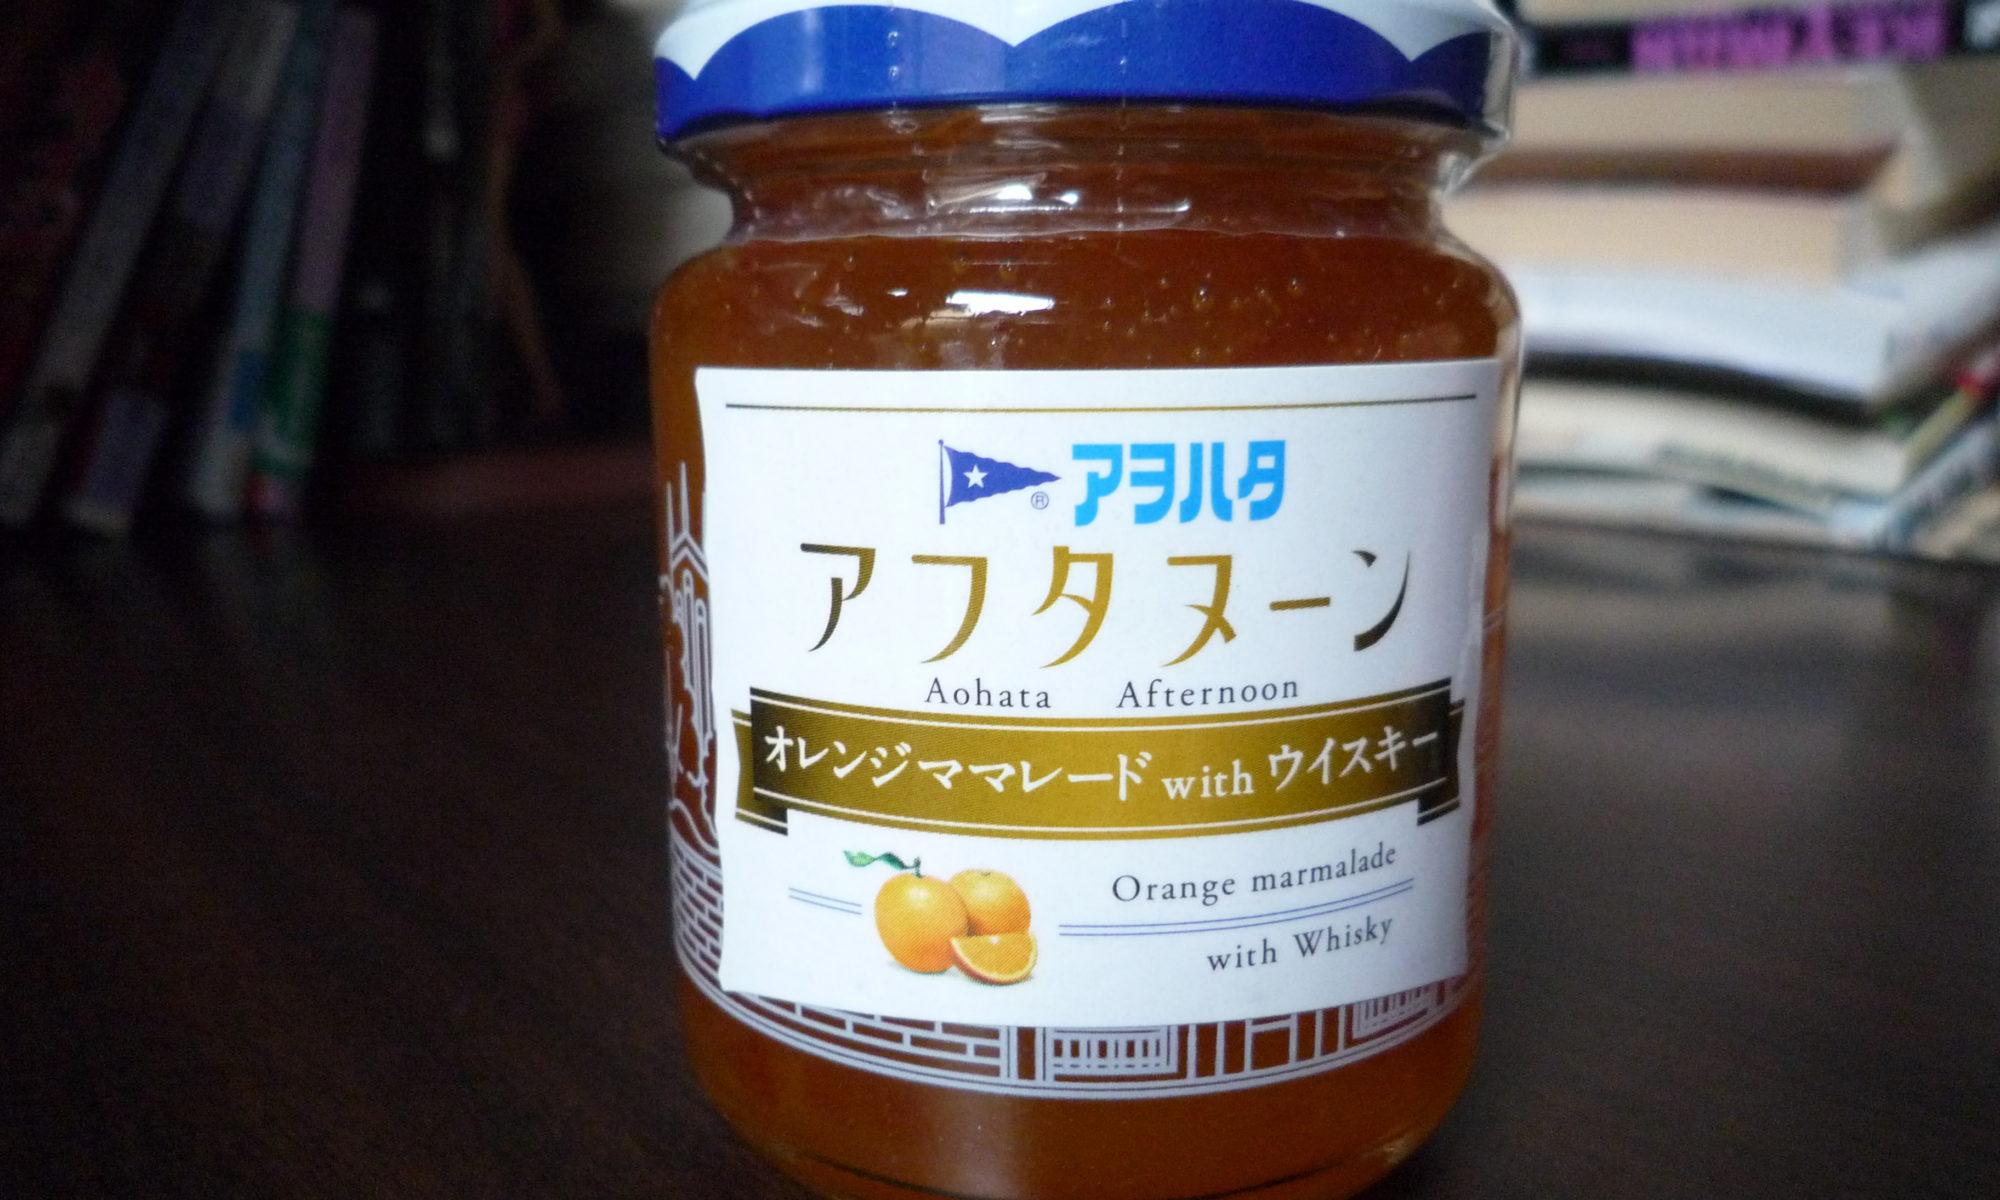 アヲハタ アフタヌーン オレンジママレード